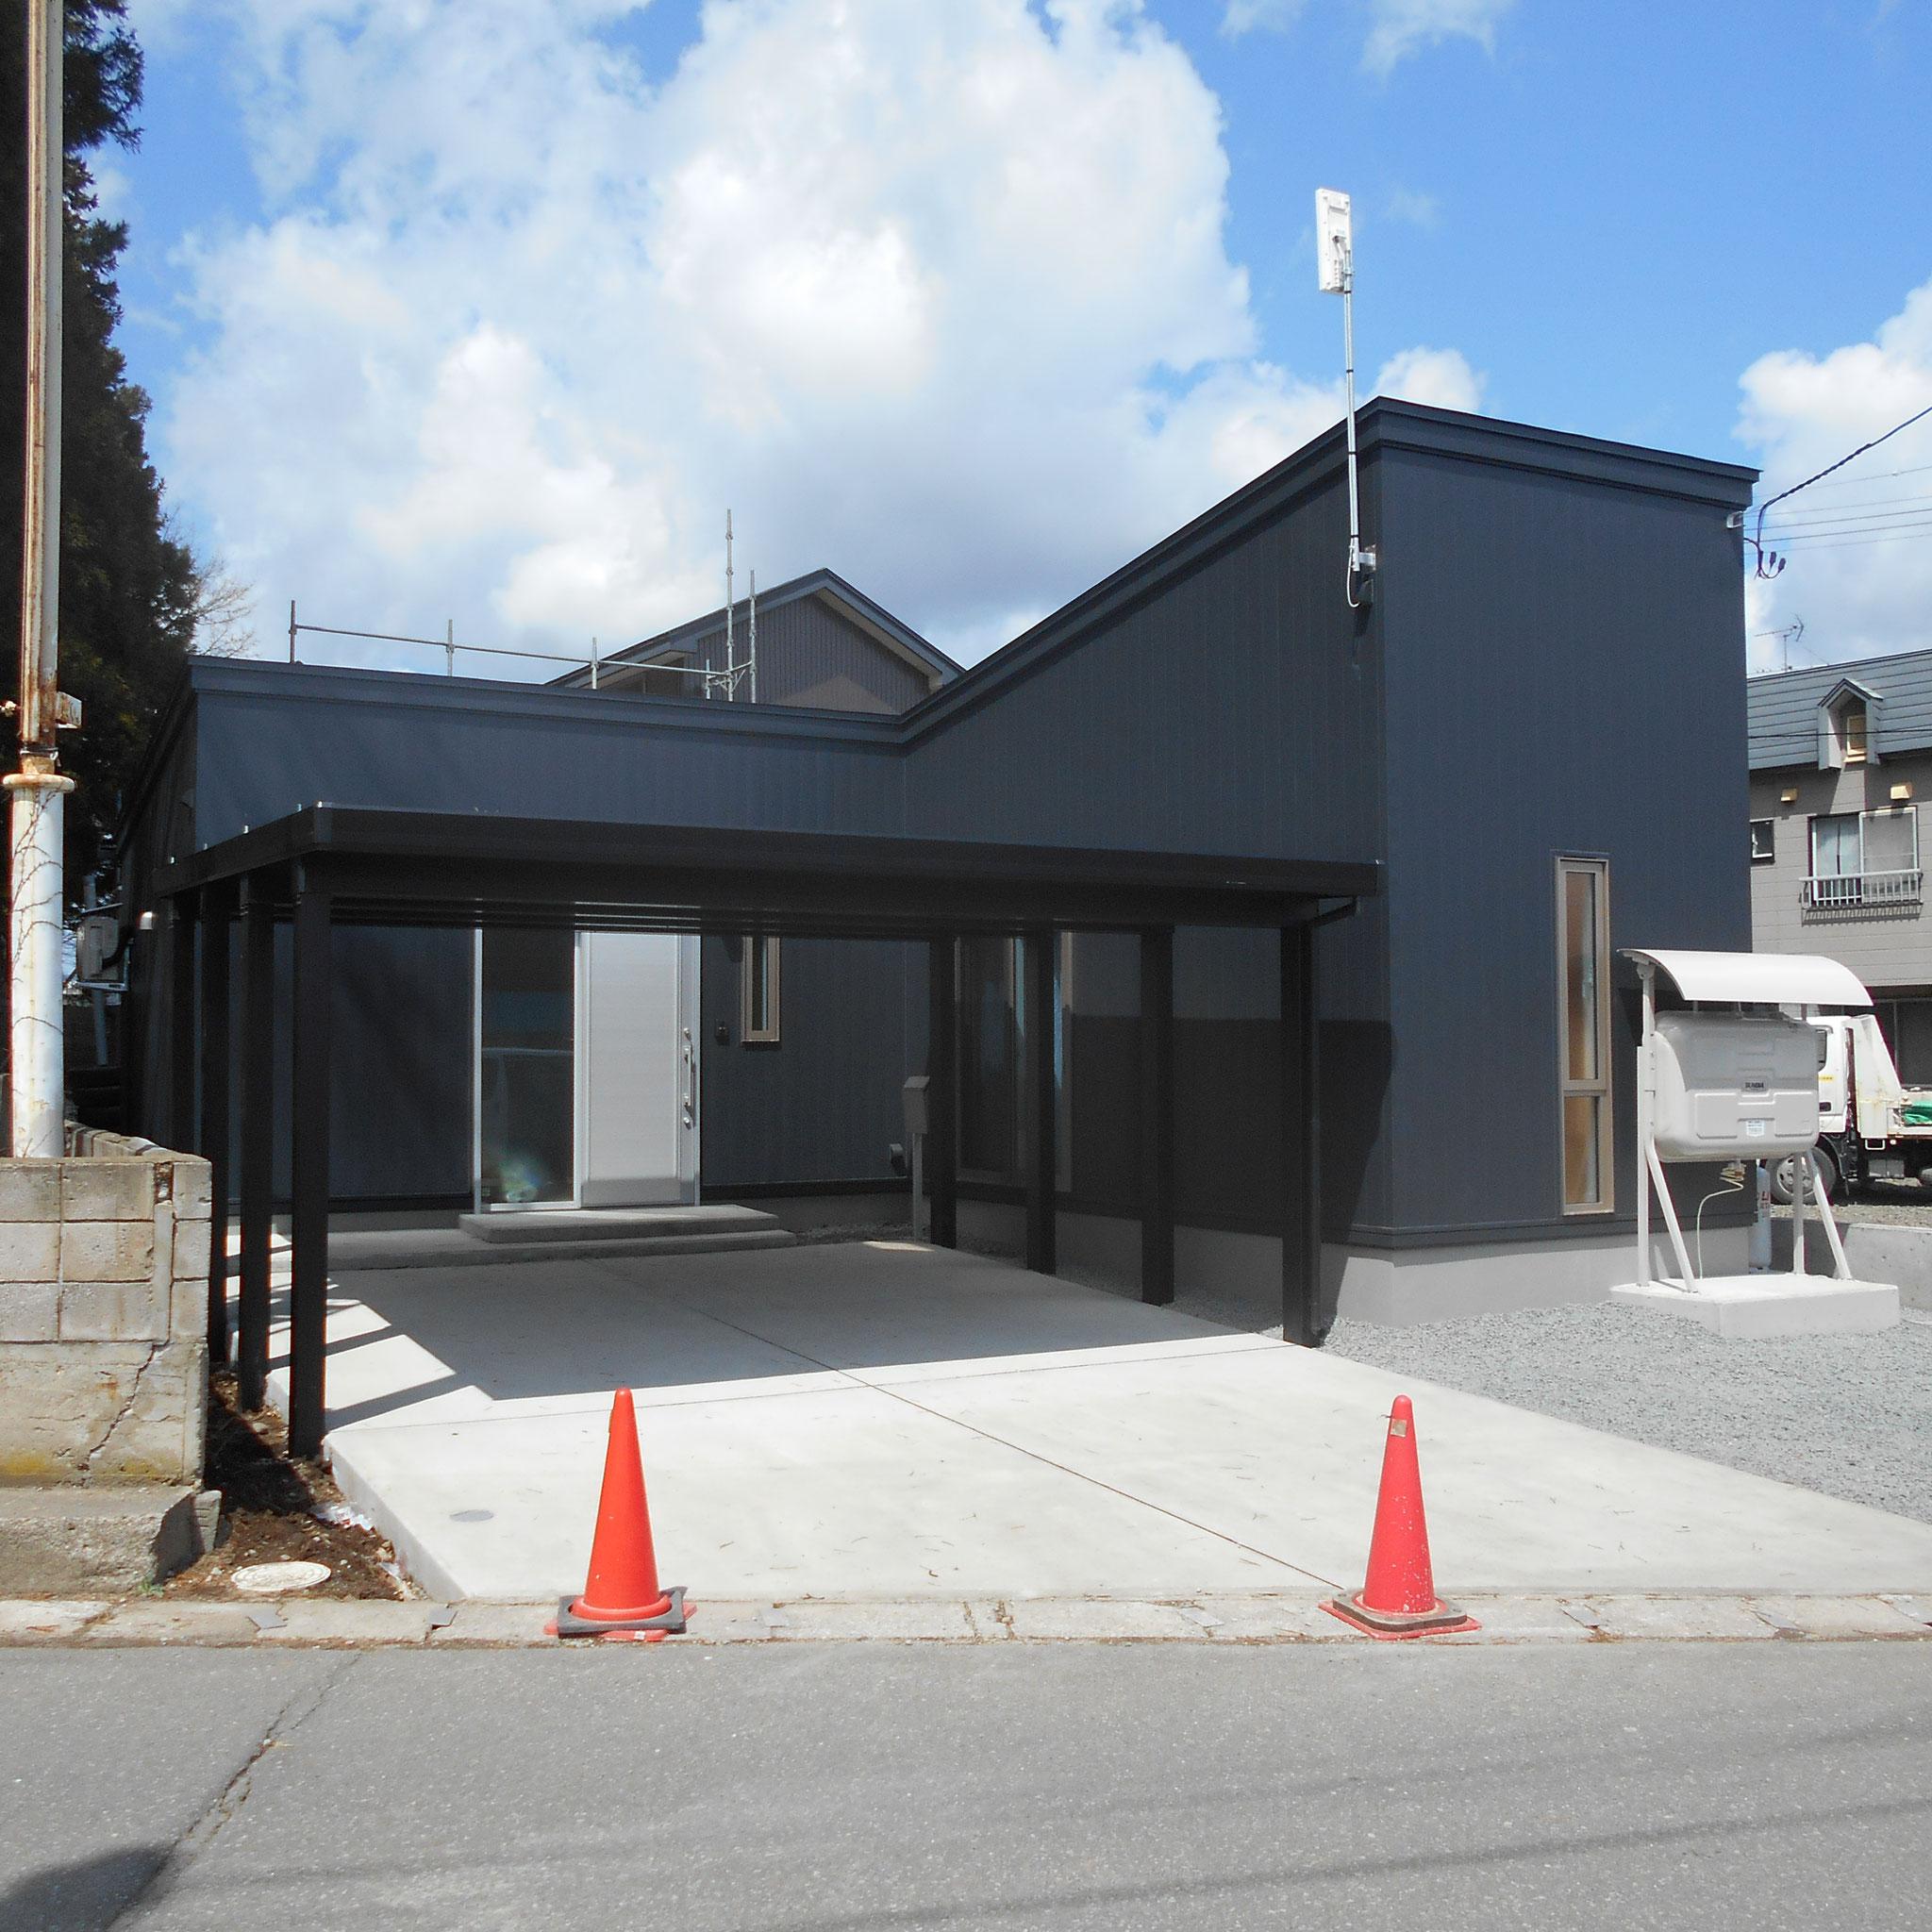 新築工事 プランニング・施工:㈲エス・ティ・ケー 設計:㈱稲見建築設計事務所